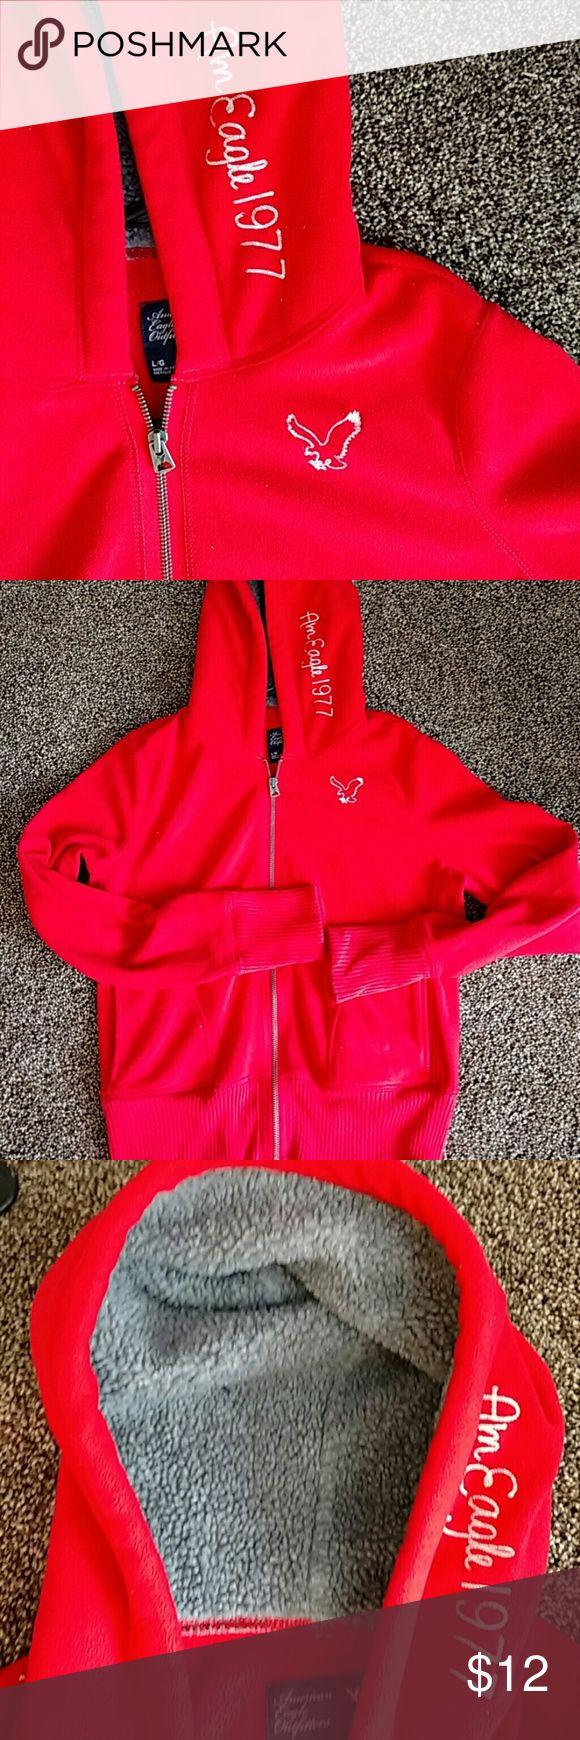 American eagle red zip up hoodie Very warm red zip up  fleece hoodie. Great condition. Warm hood. American Eagle Outfitters Tops Sweatshirts & Hoodies